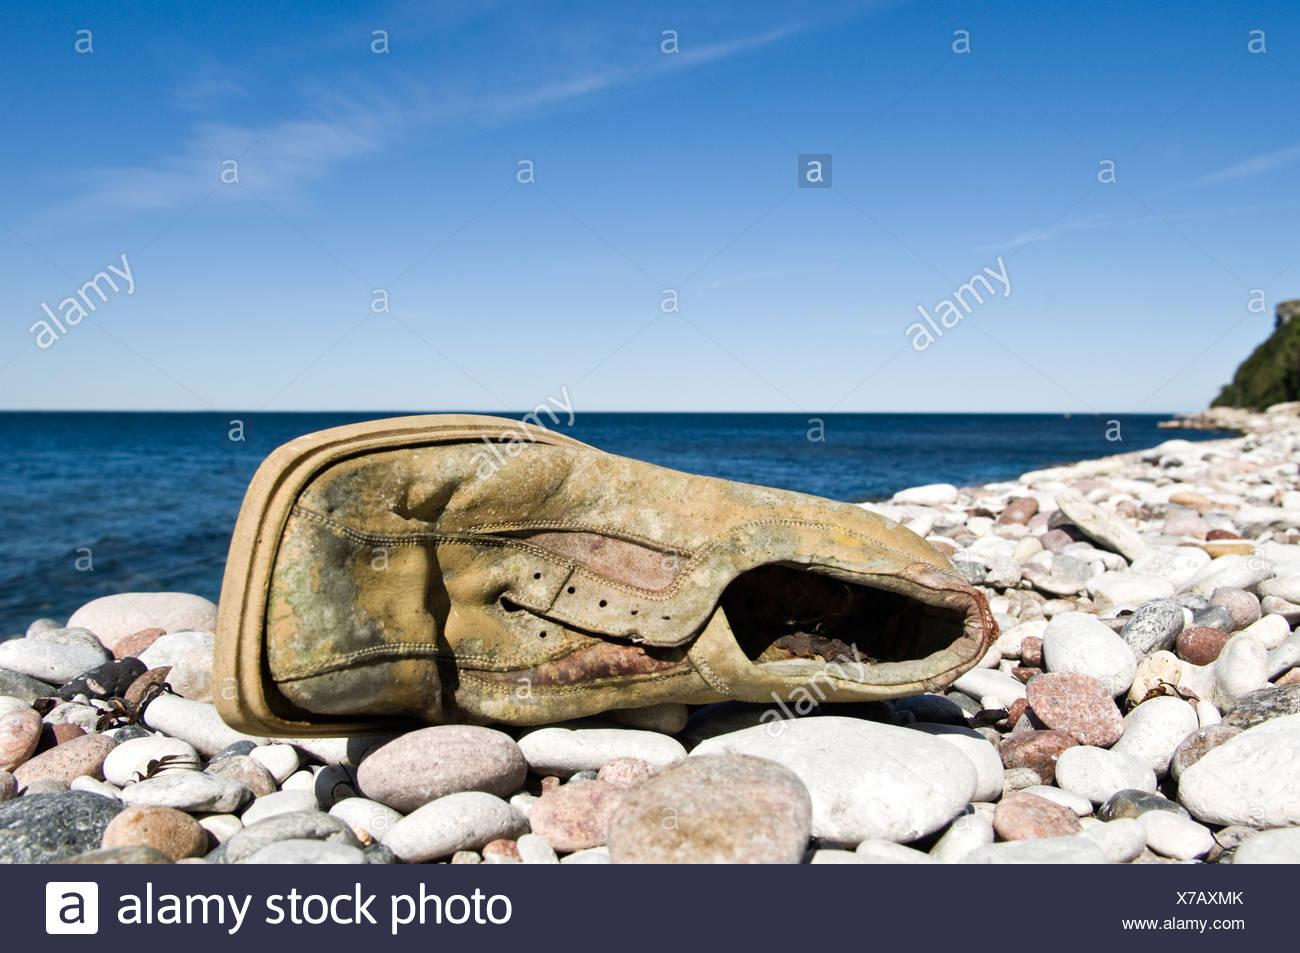 Old damaged shoe on stone beach - Stock Image